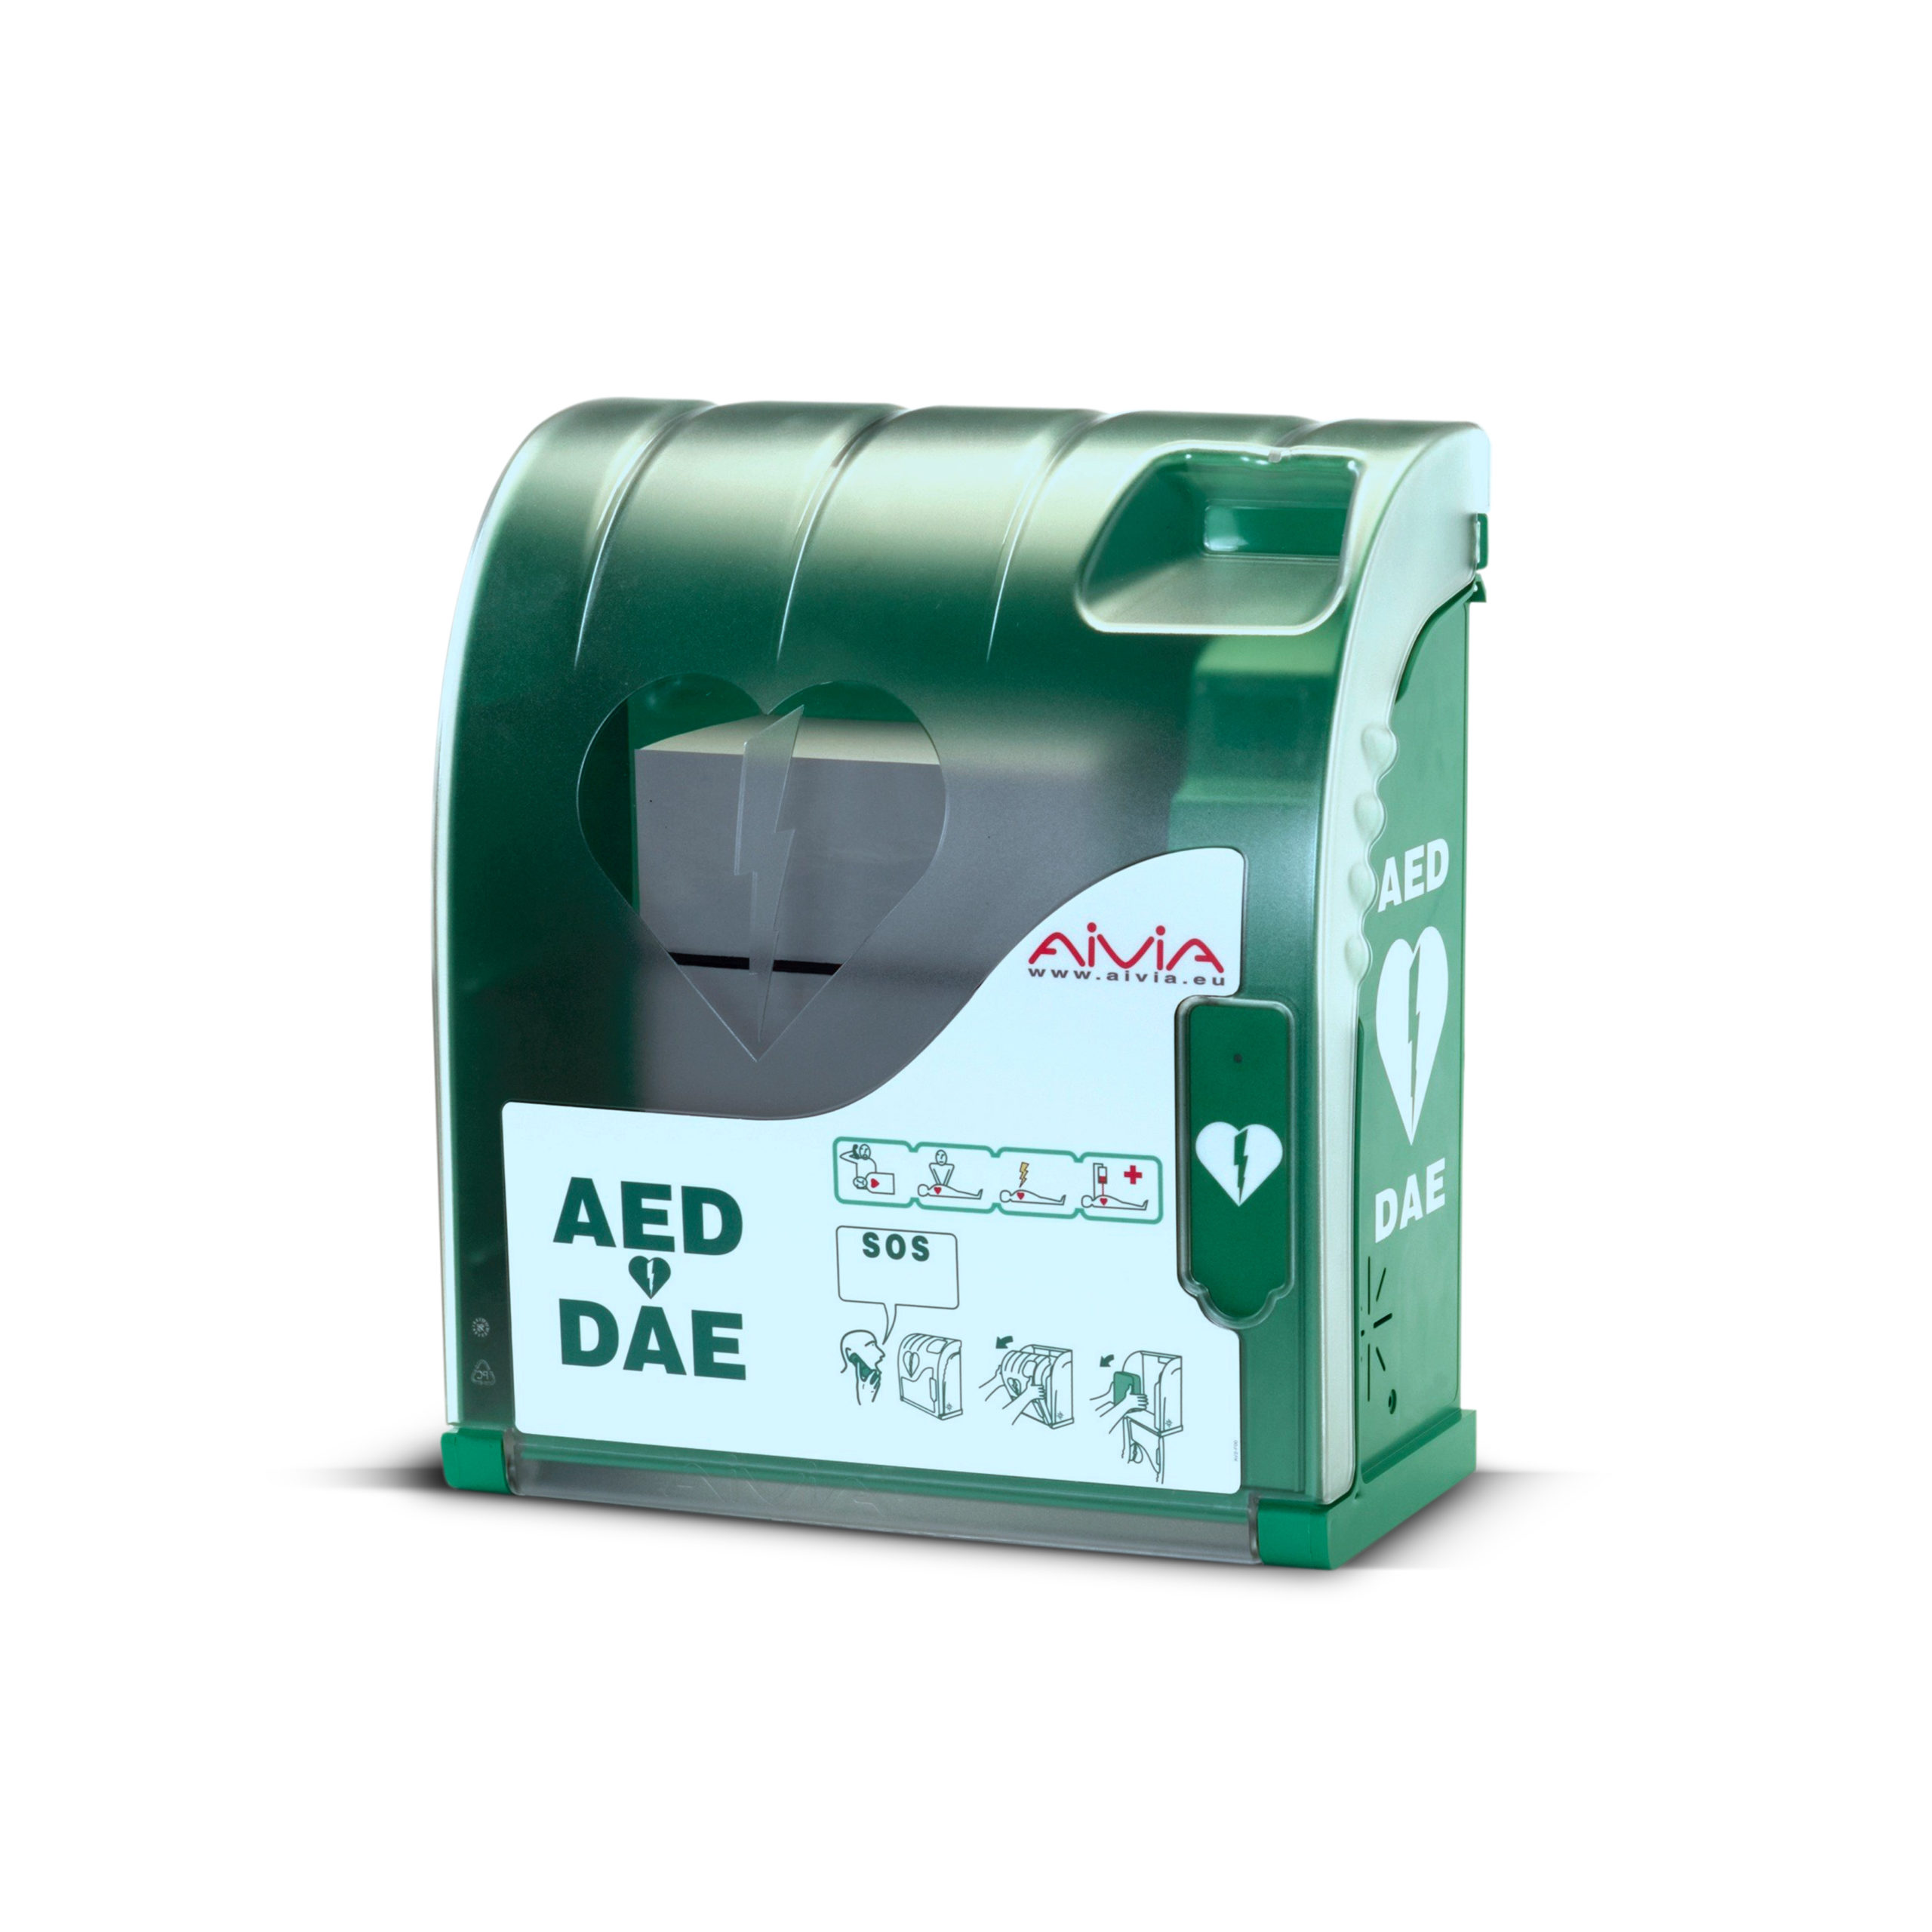 AIVIA 100 Indoor AED Cabinet c/w Alarm